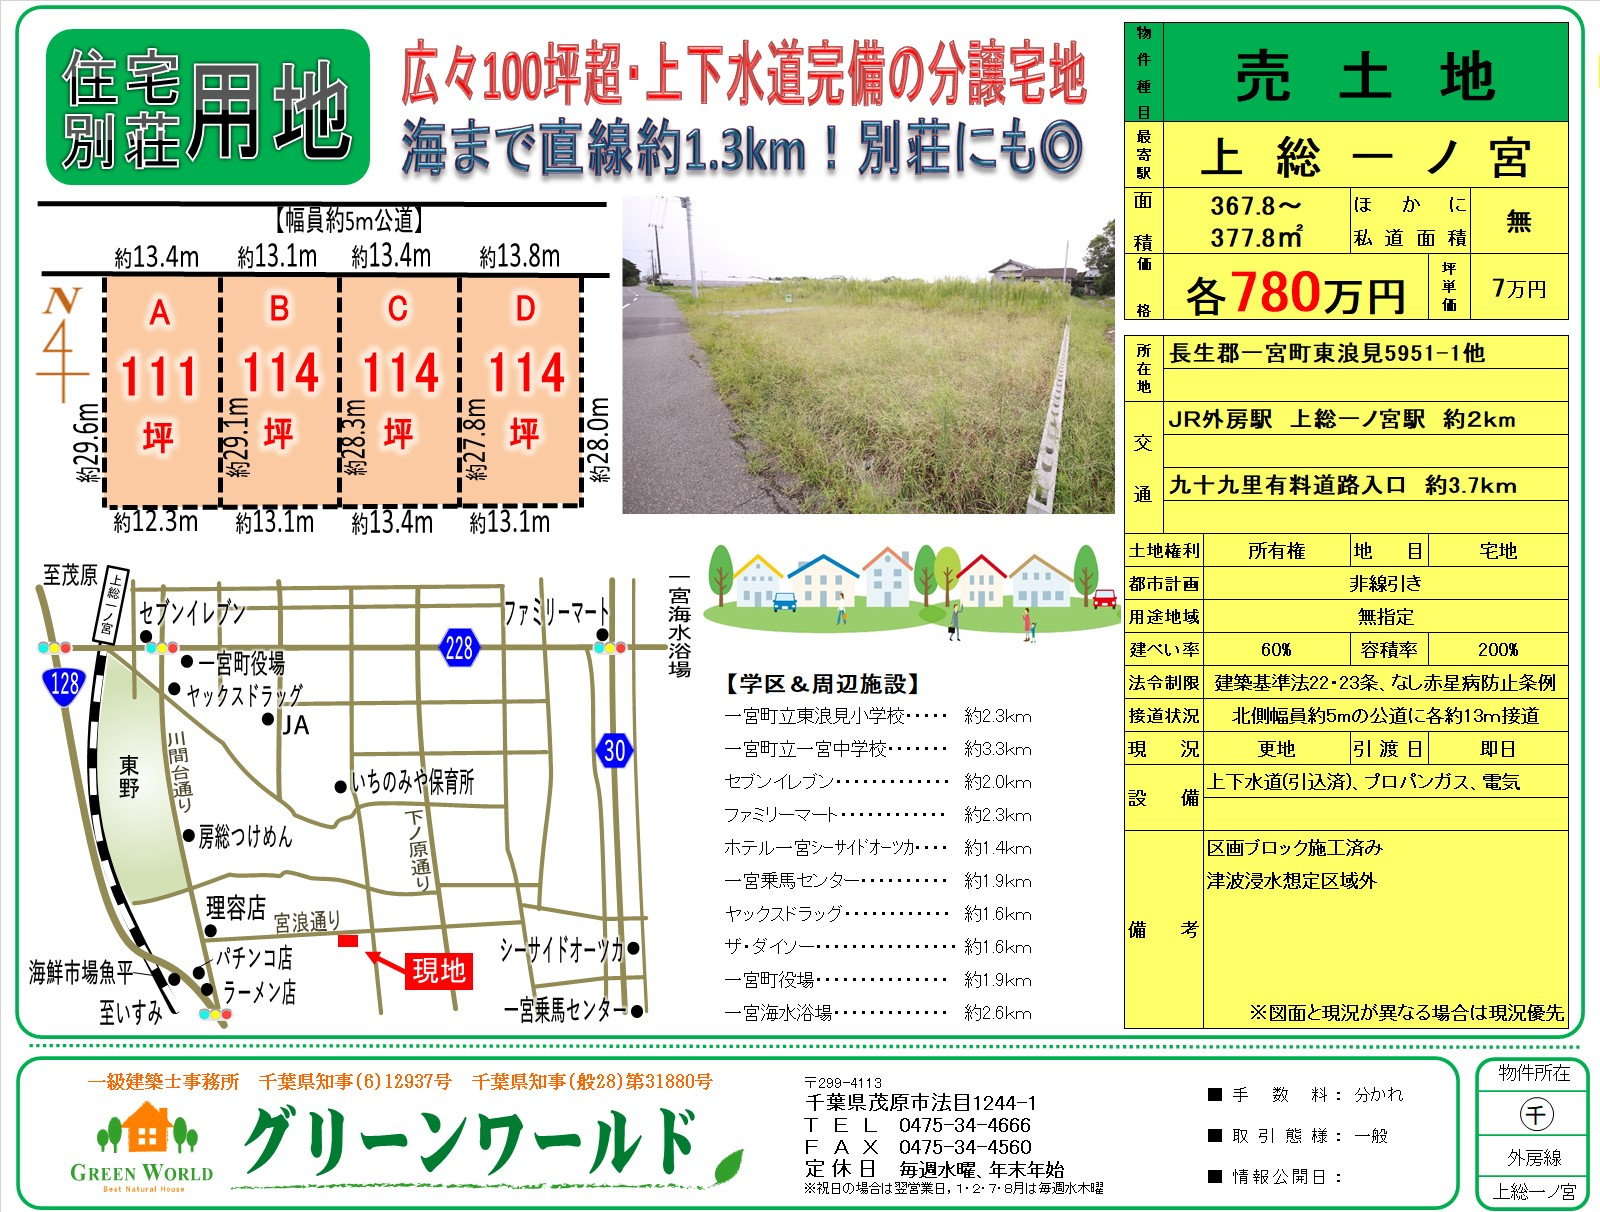 【売土地】東浪見111~114坪(4区画)